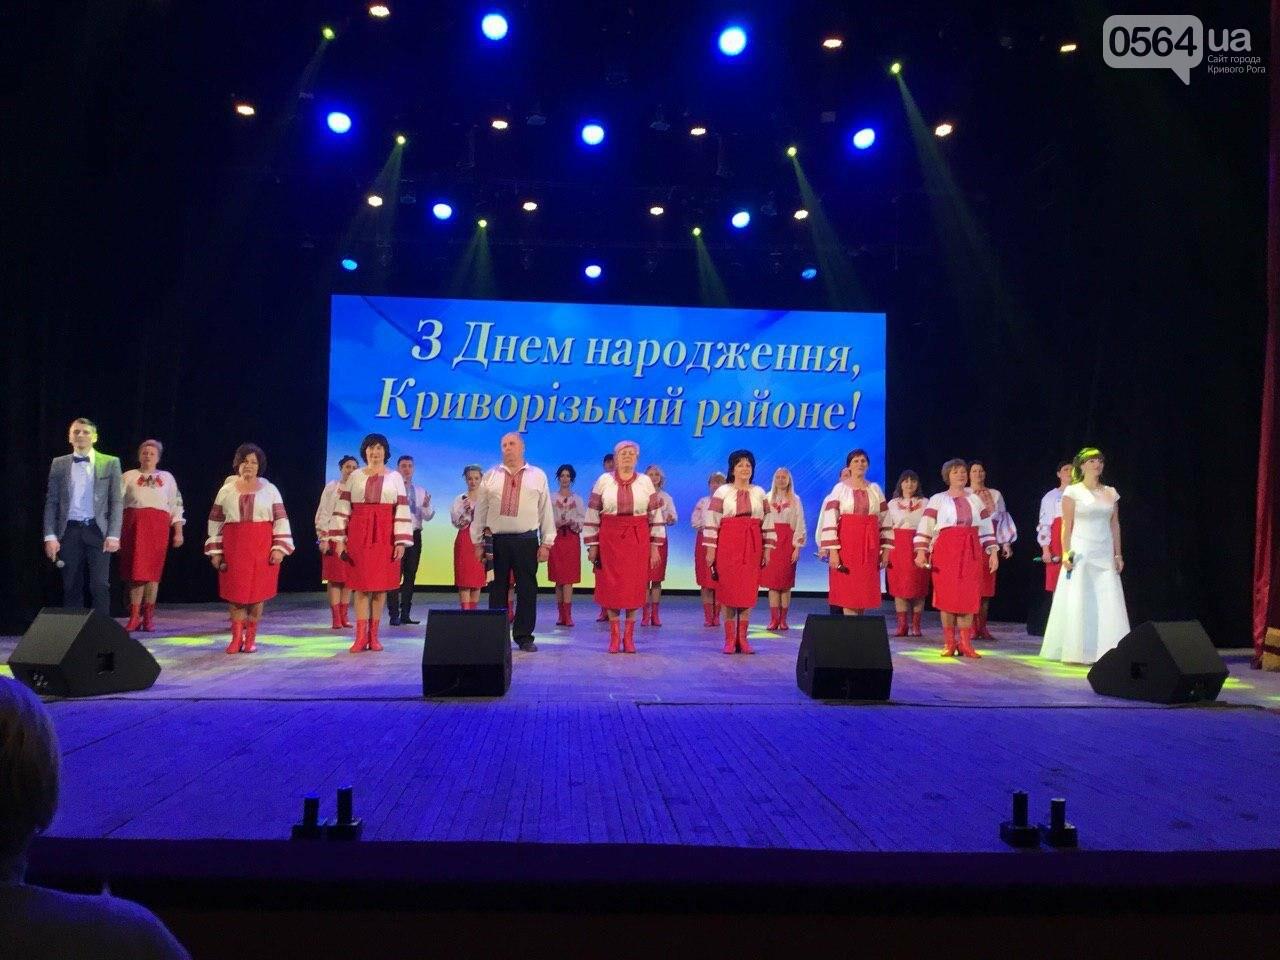 Аграрии Криворожья отметили свой профессиональный праздник, - ФОТО, ВИДЕО, фото-12